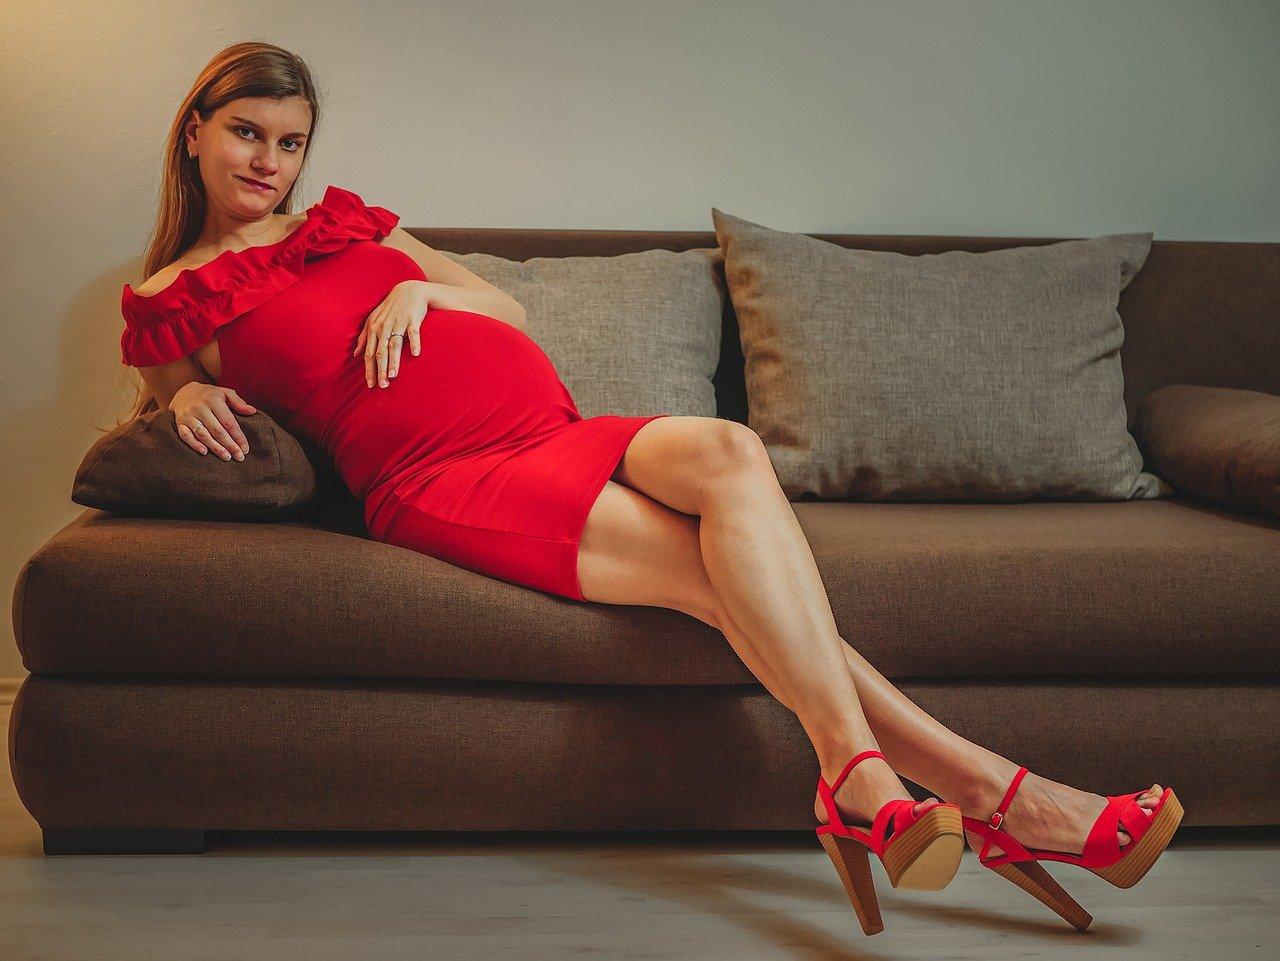 32 tydzień ciąży, mama na kanapie